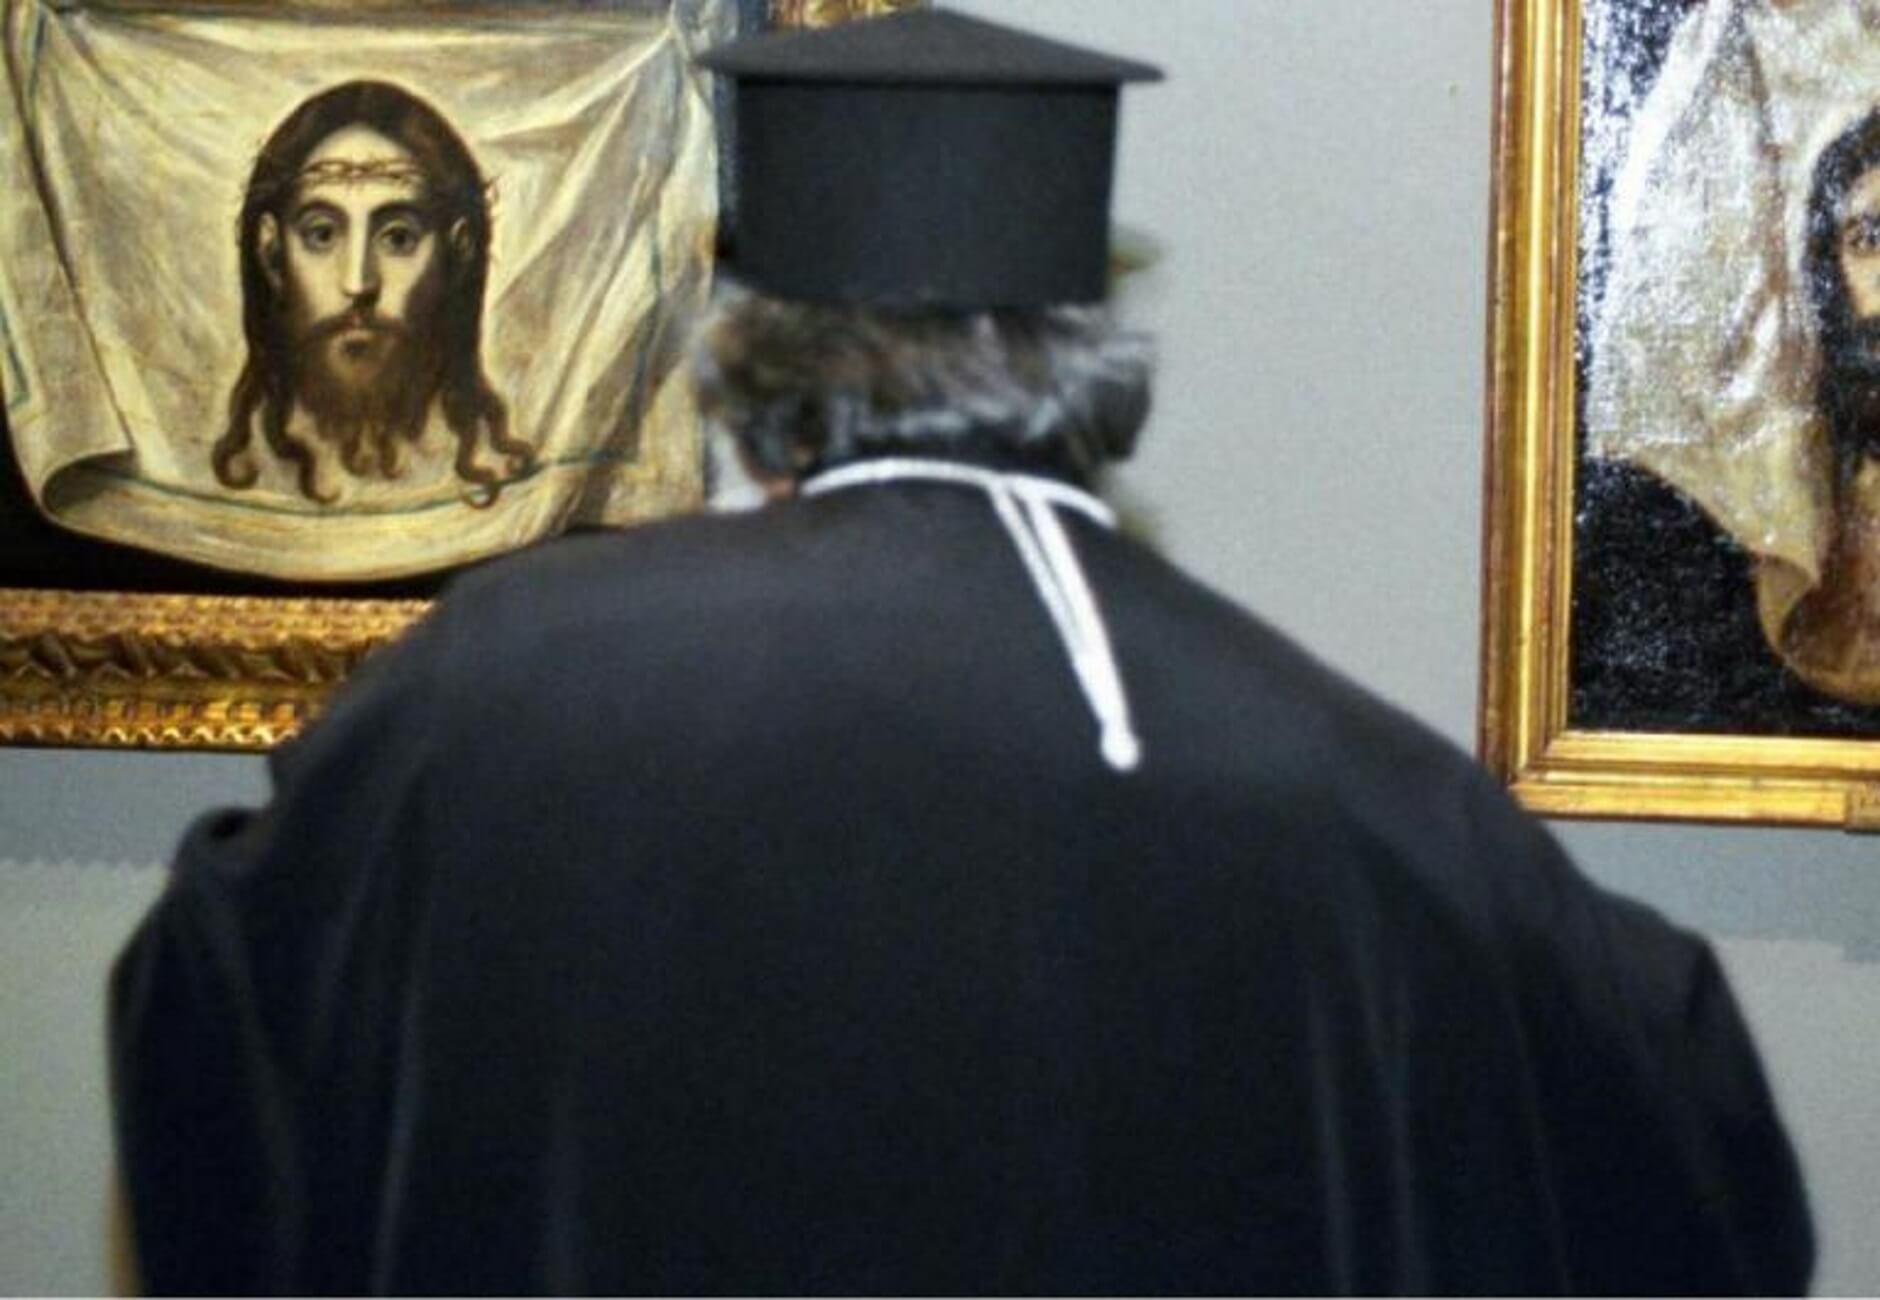 Λάρισα: Έσπασε τα ισόβια ο ιερέας για την υπεξαίρεση 3.800.000 ευρώ! Το απίστευτο κόλπο με τα χρήματα